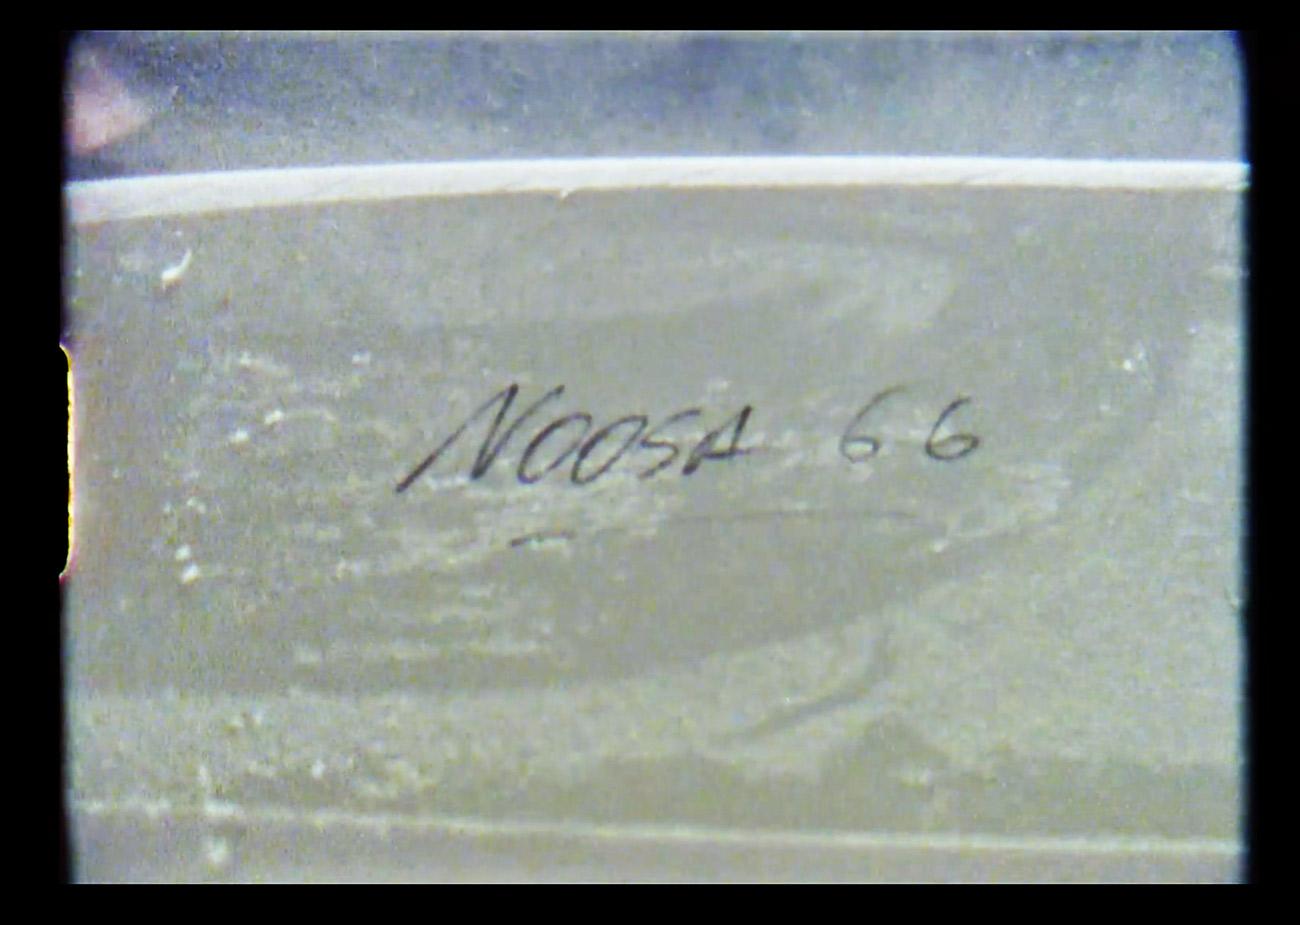 mctavish-noosa66